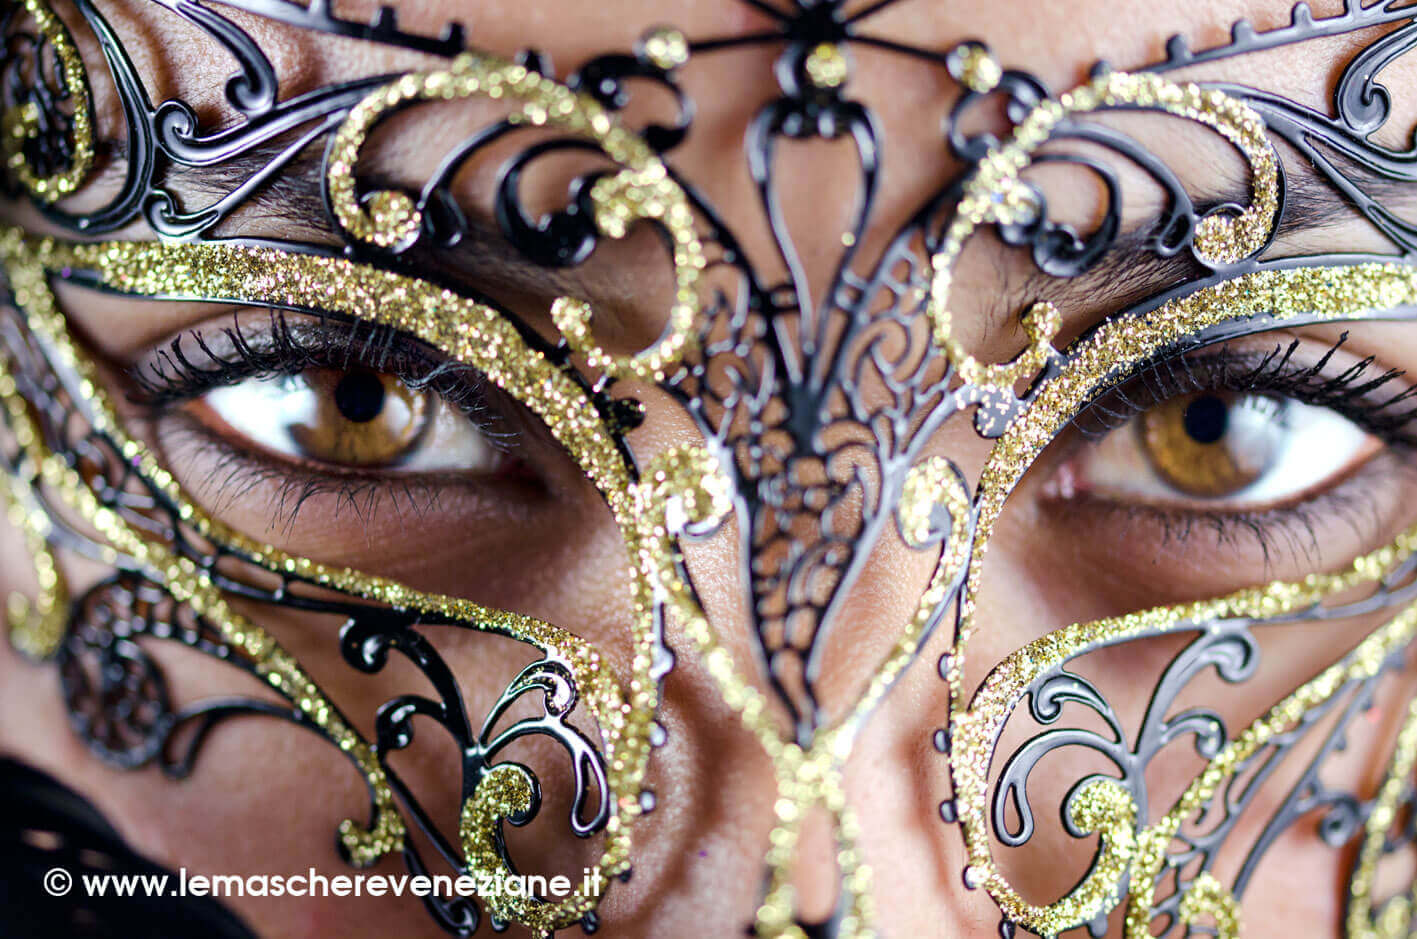 Maschera-piume-viviana-nera-glitter-oro-4